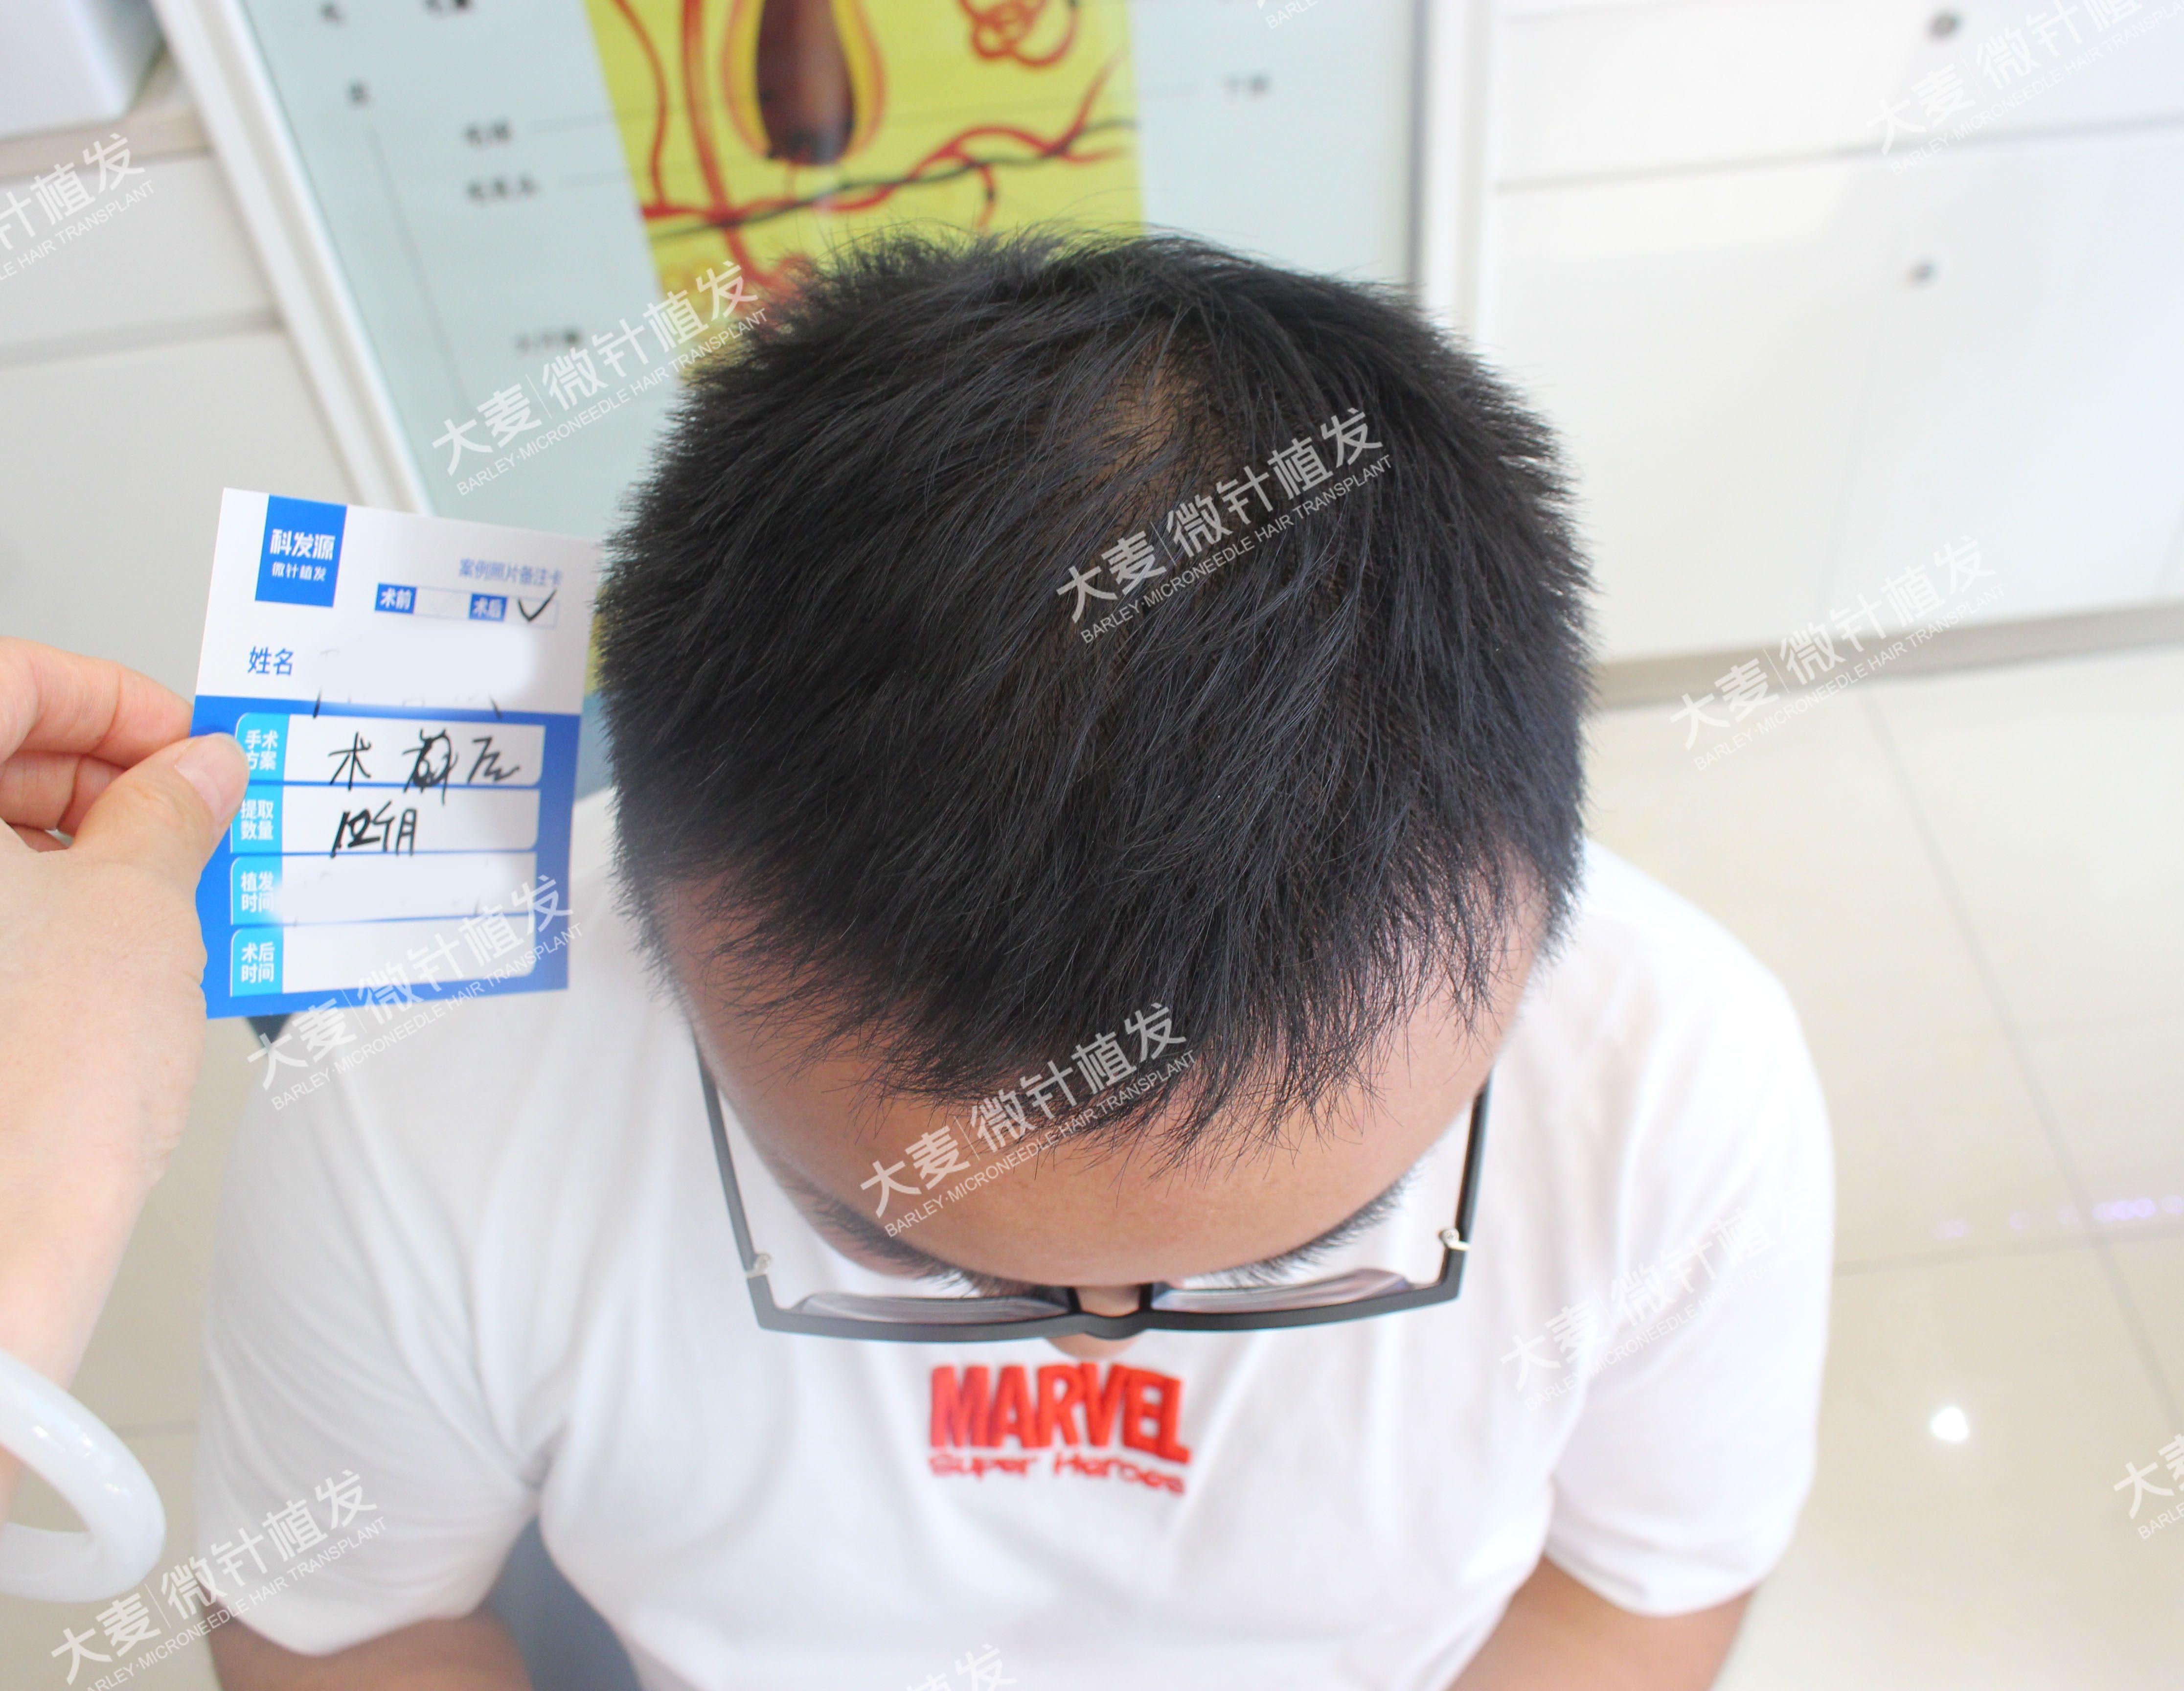 大麦微针植发|发际线种植 项目分类:植发养发 植发 种植发际线